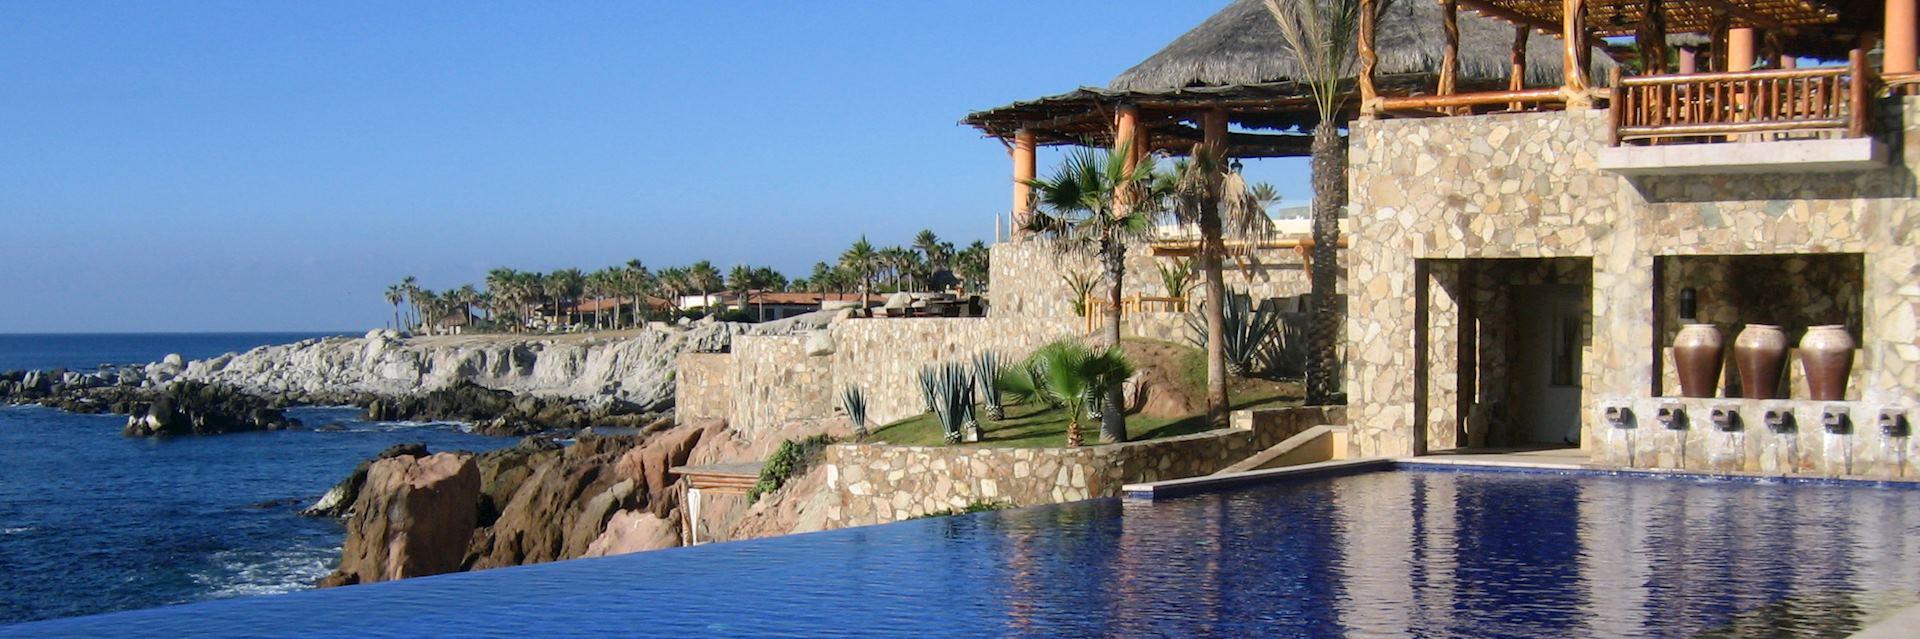 Esperanza San José del Cabo, Mexico